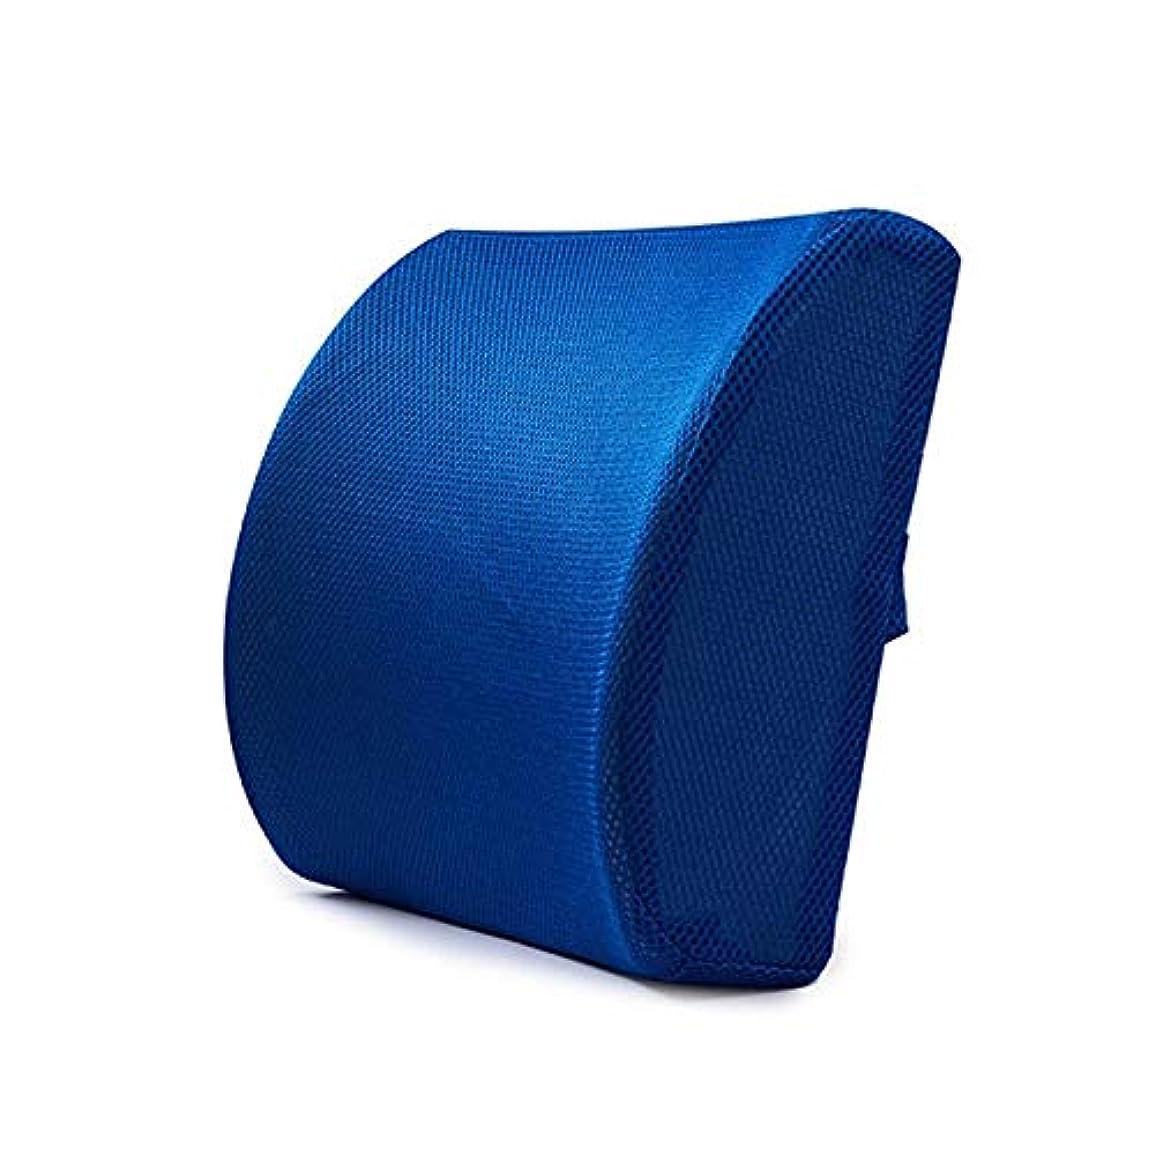 テクスチャー振幅ハロウィンLIFE ホームオフィス背もたれ椅子腰椎クッションカーシートネック枕 3D 低反発サポートバックマッサージウエストレスリビング枕 クッション 椅子